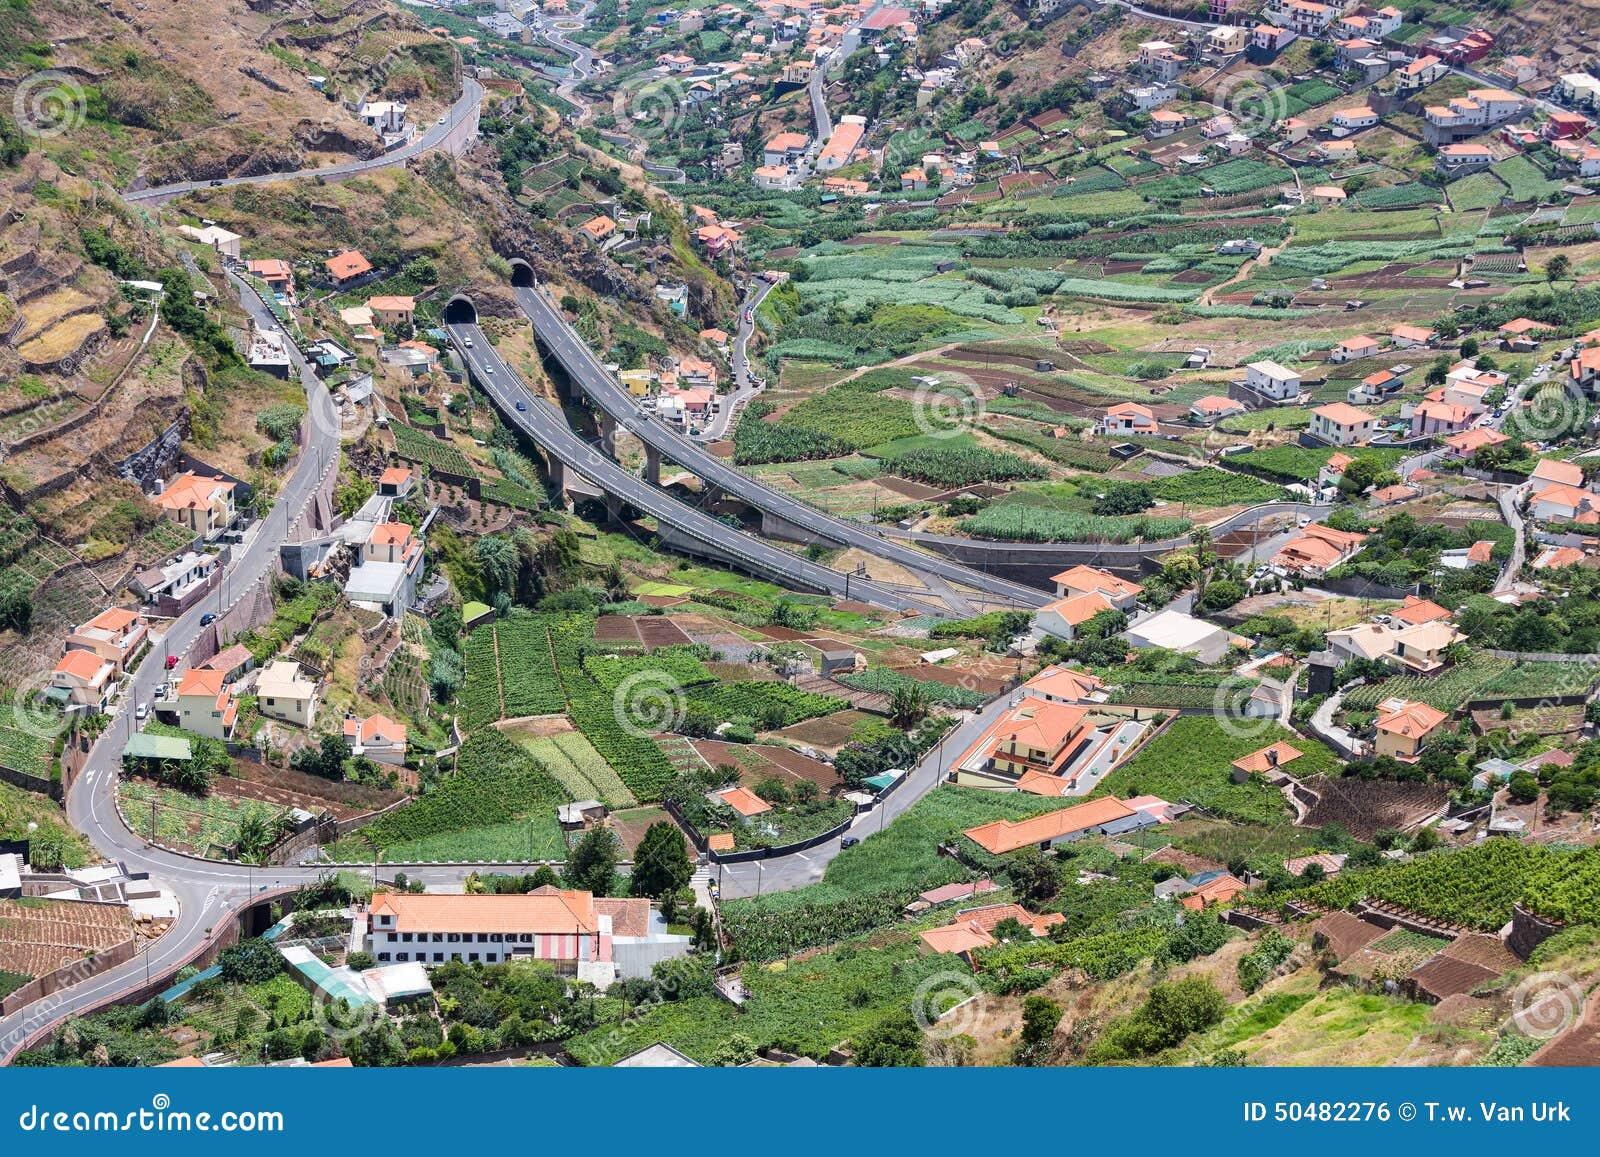 Widok z lotu ptaka małe wioski i autostrada w górach madery wyspa